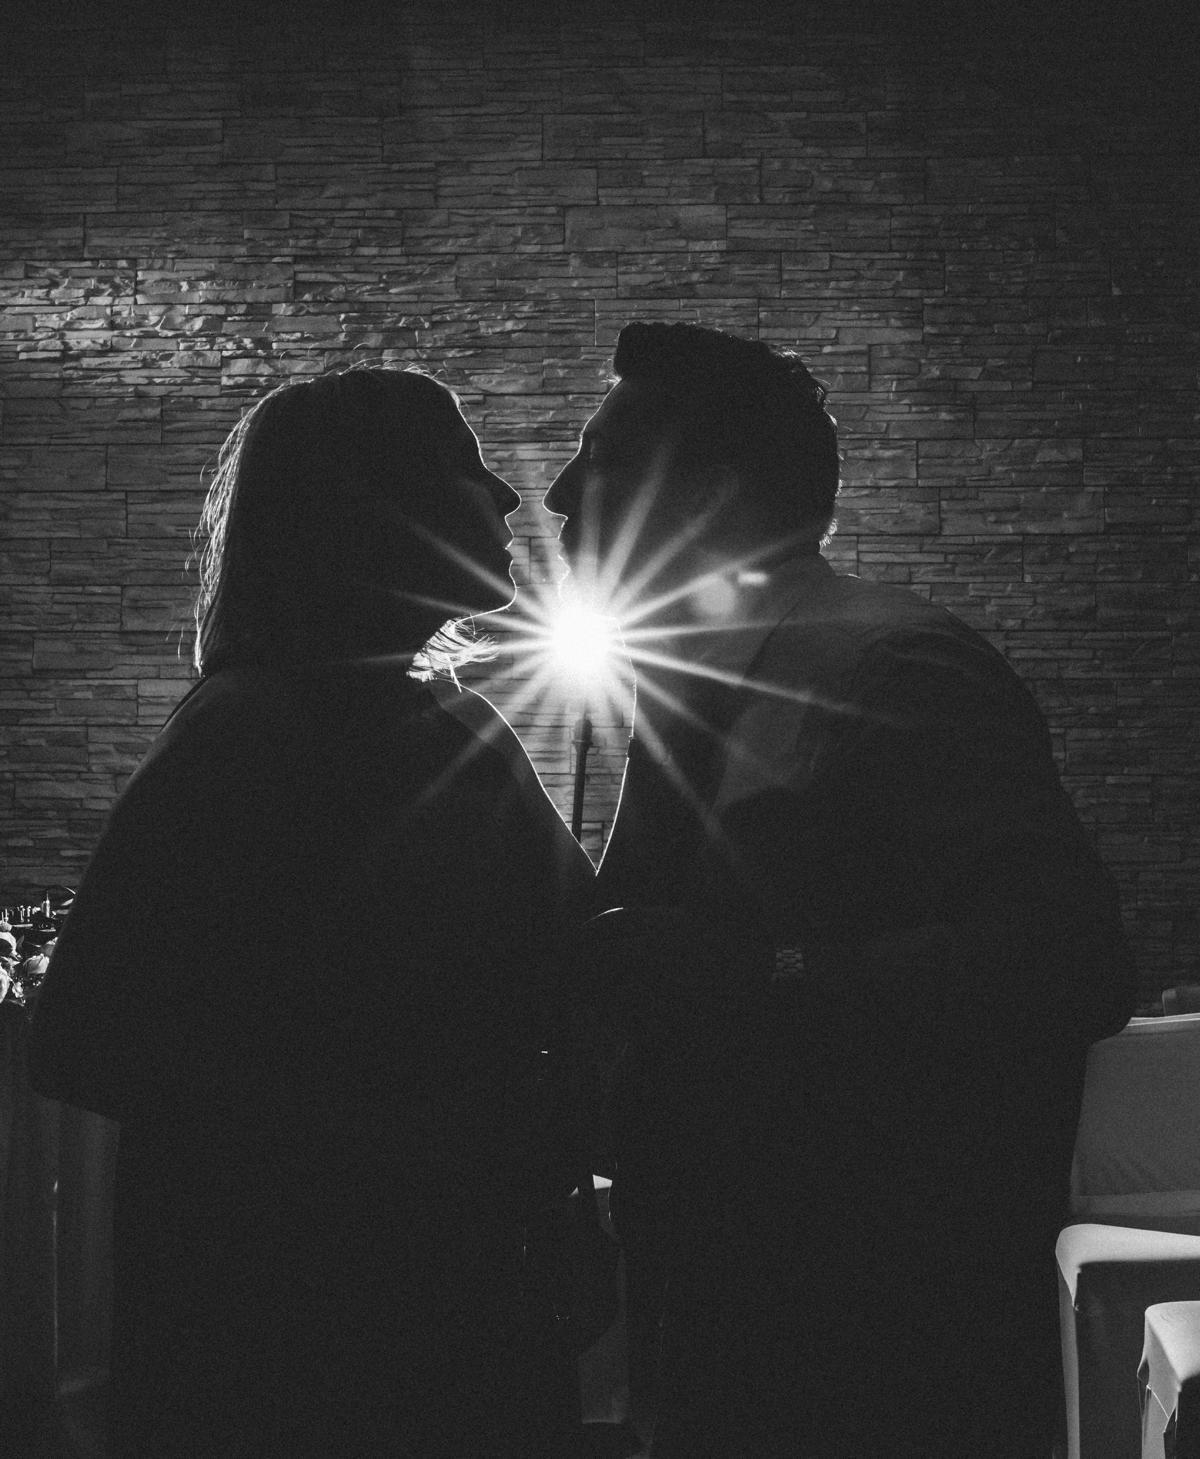 Hochzeitsgäste küssen sich im Blitzgegenlicht bei Hochzeitsfeier